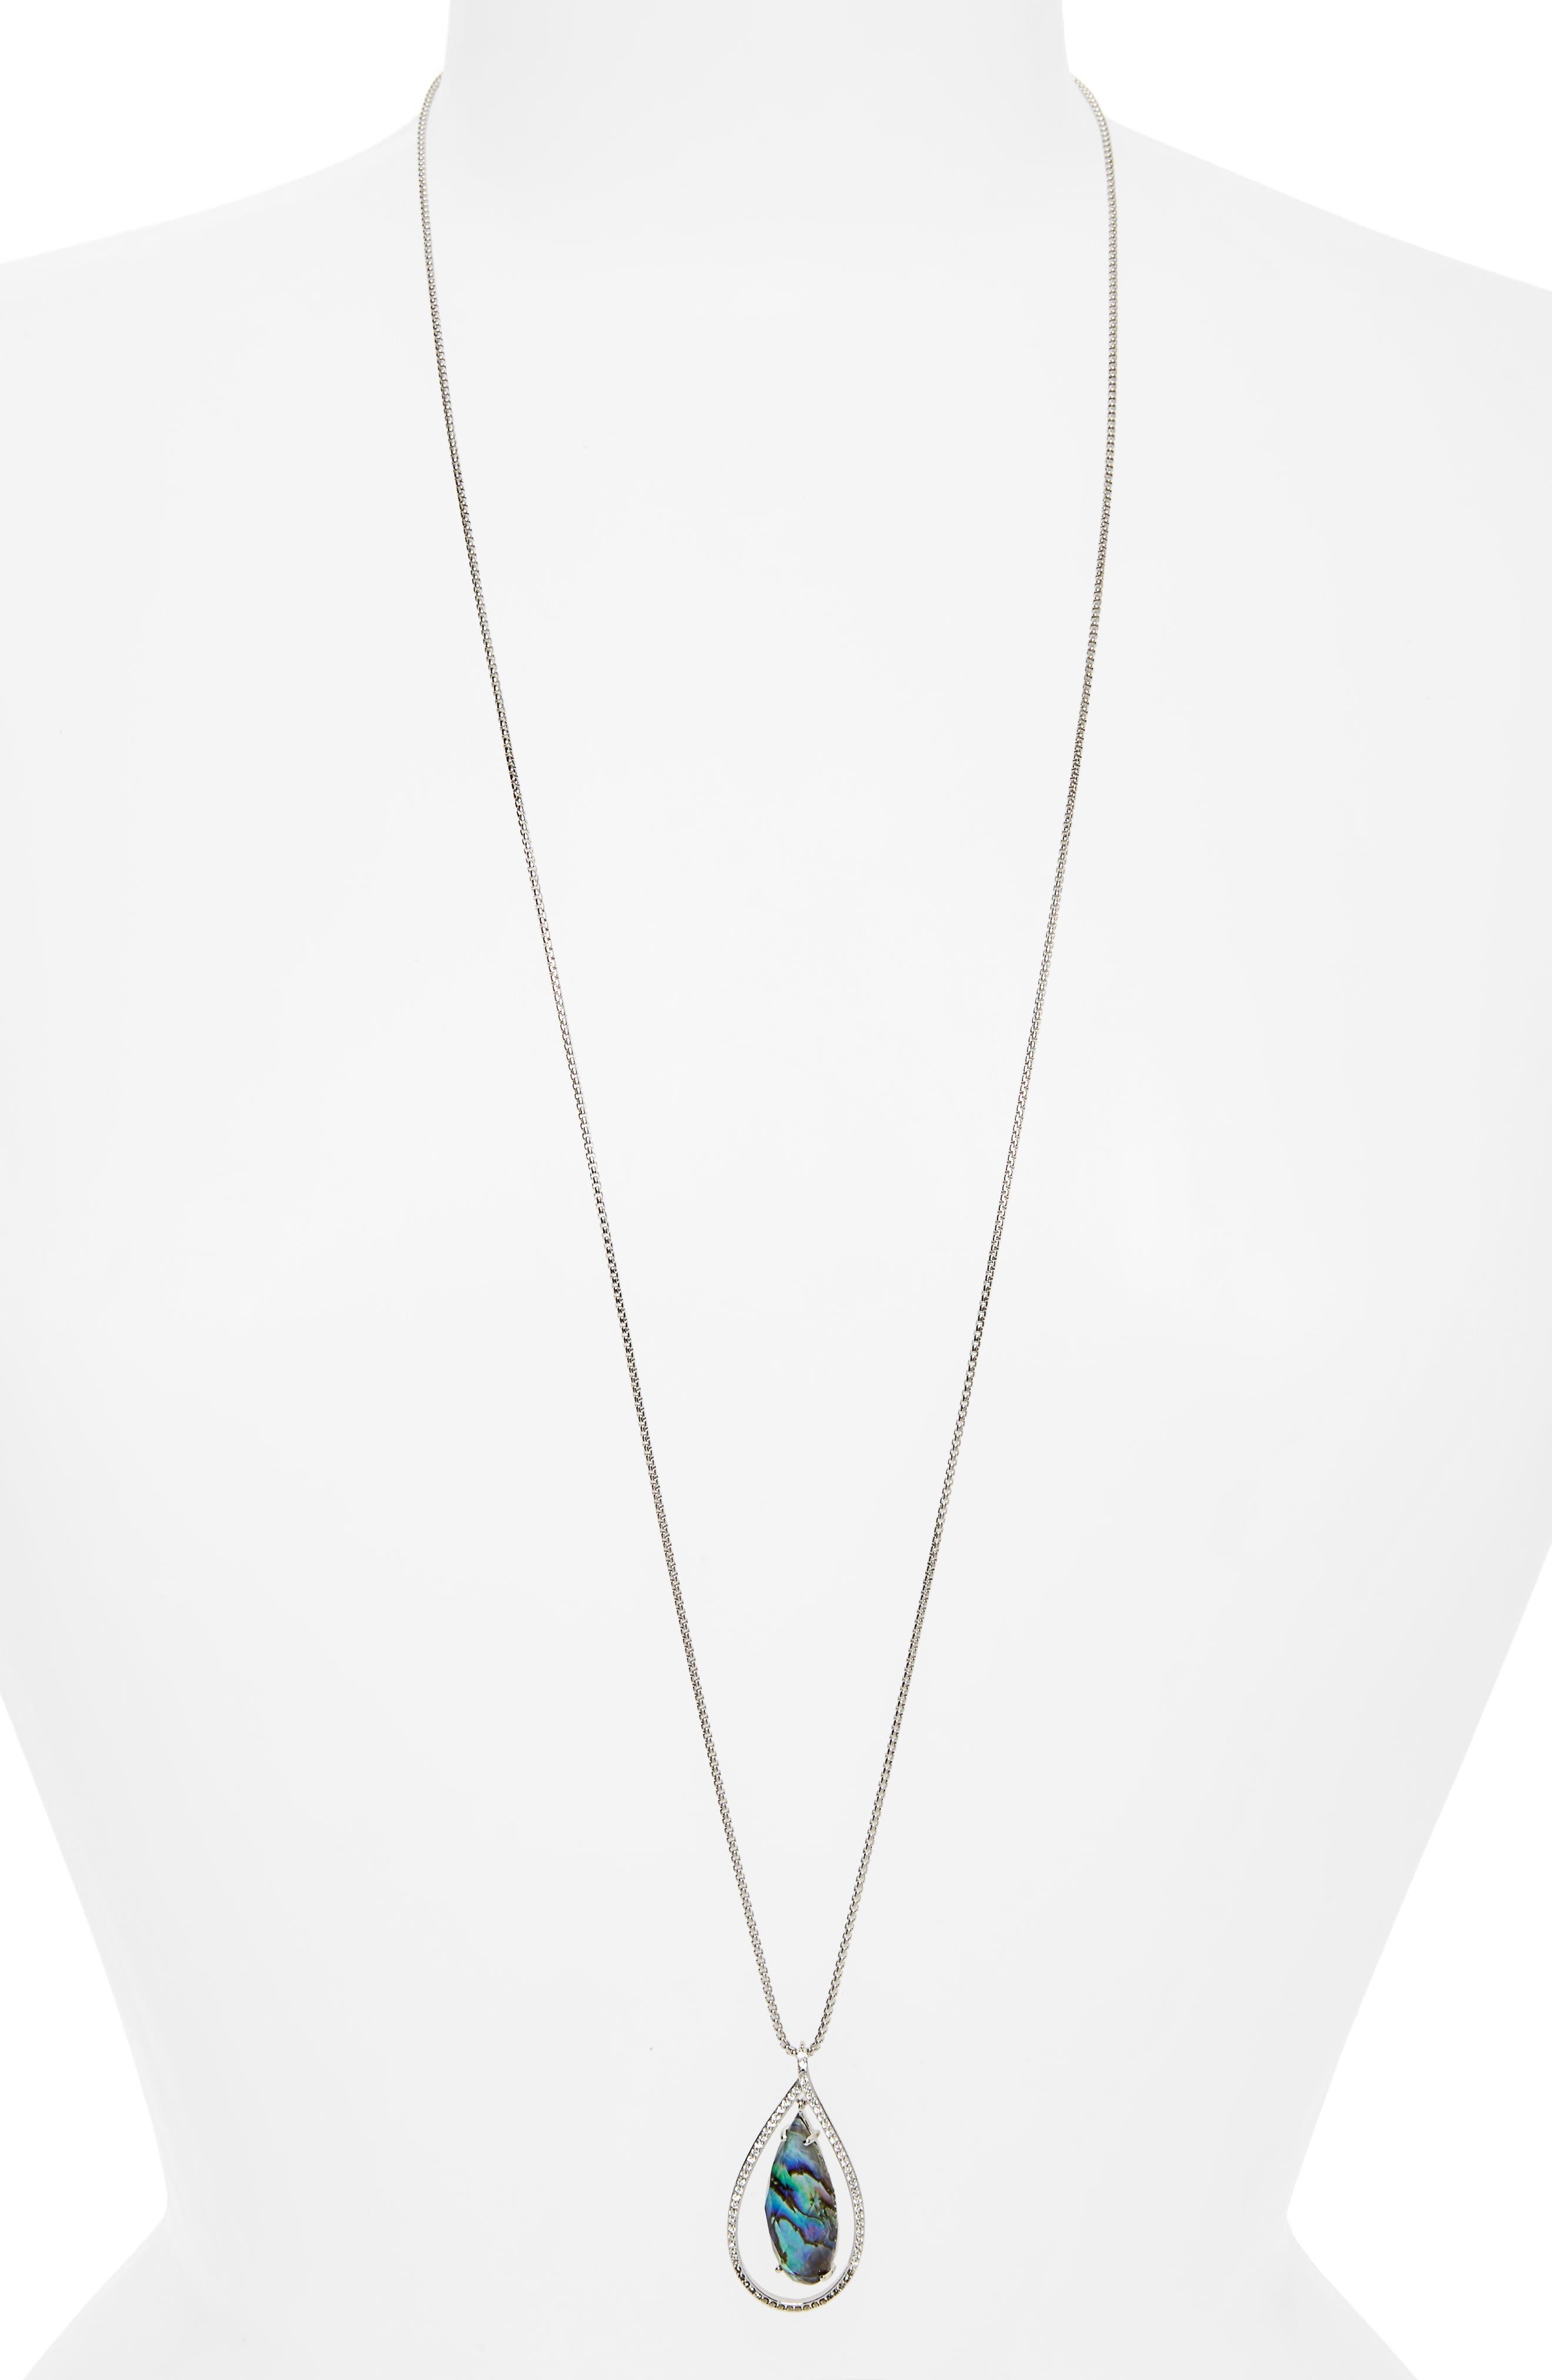 Tropical Touches Doublet Pendant Necklace,                         Main,                         color, Abalone/ Black Diamond